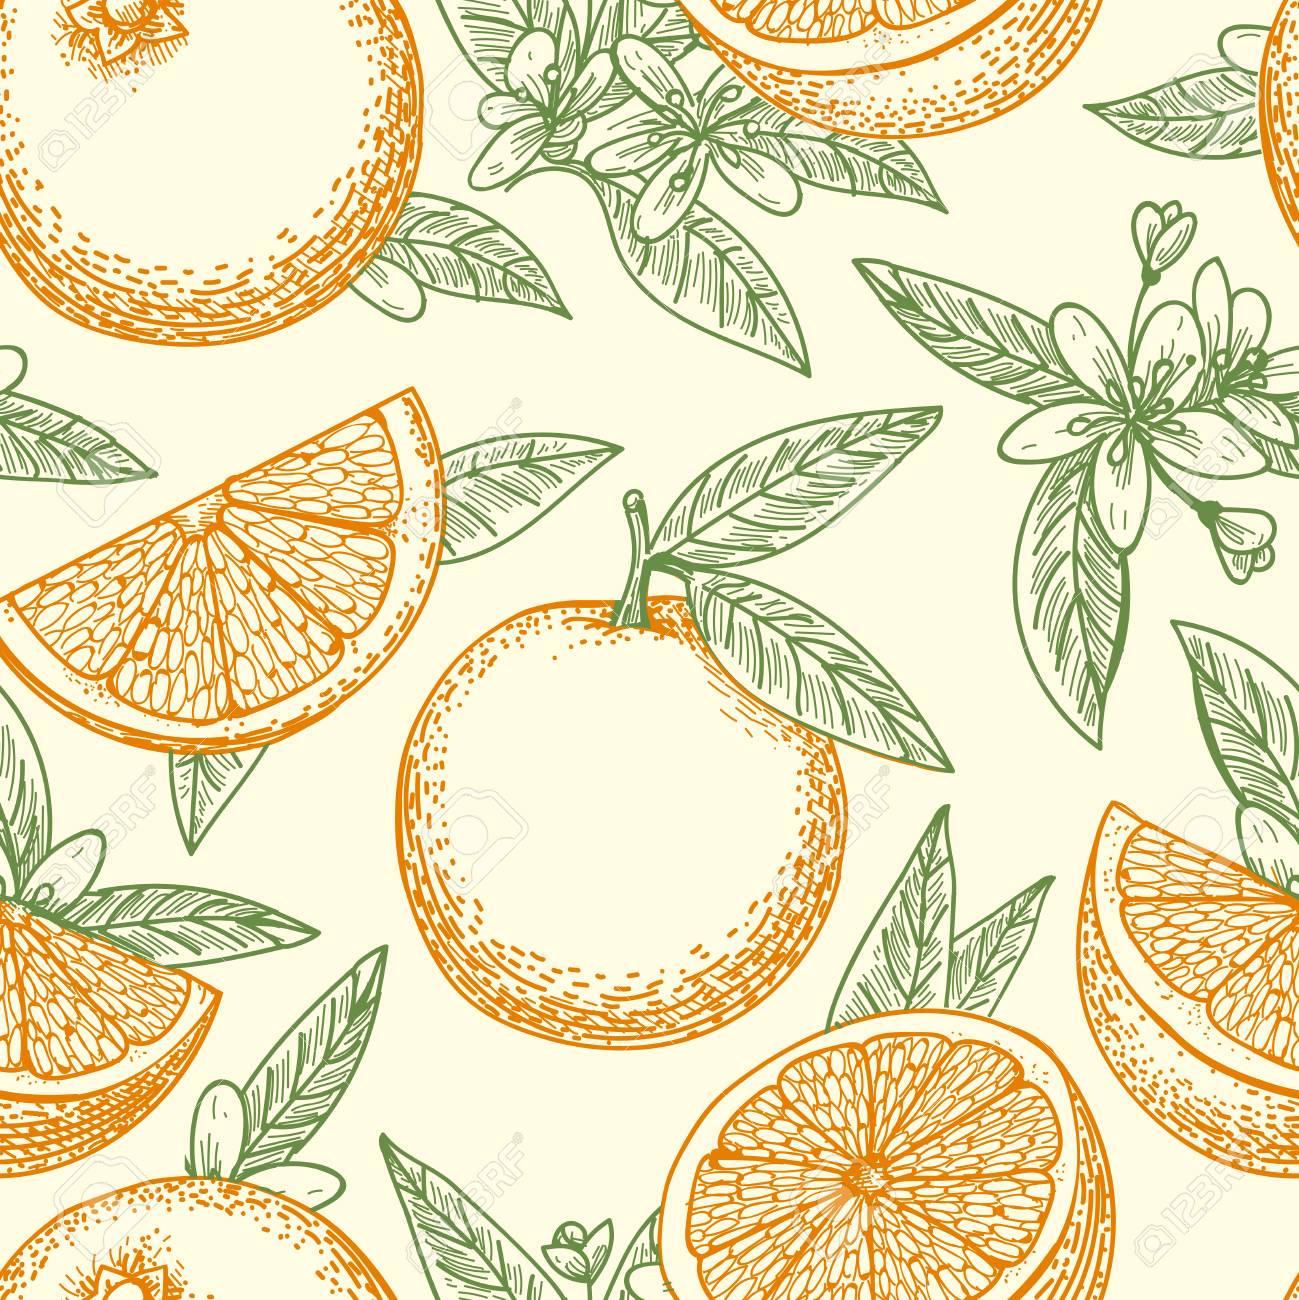 Patrón Dibujado Mano Naranja Fruta Naranjas Amarillas Hojas Verdes Y Flores Dibujo De Vector De Patrón De Fondo Transparente